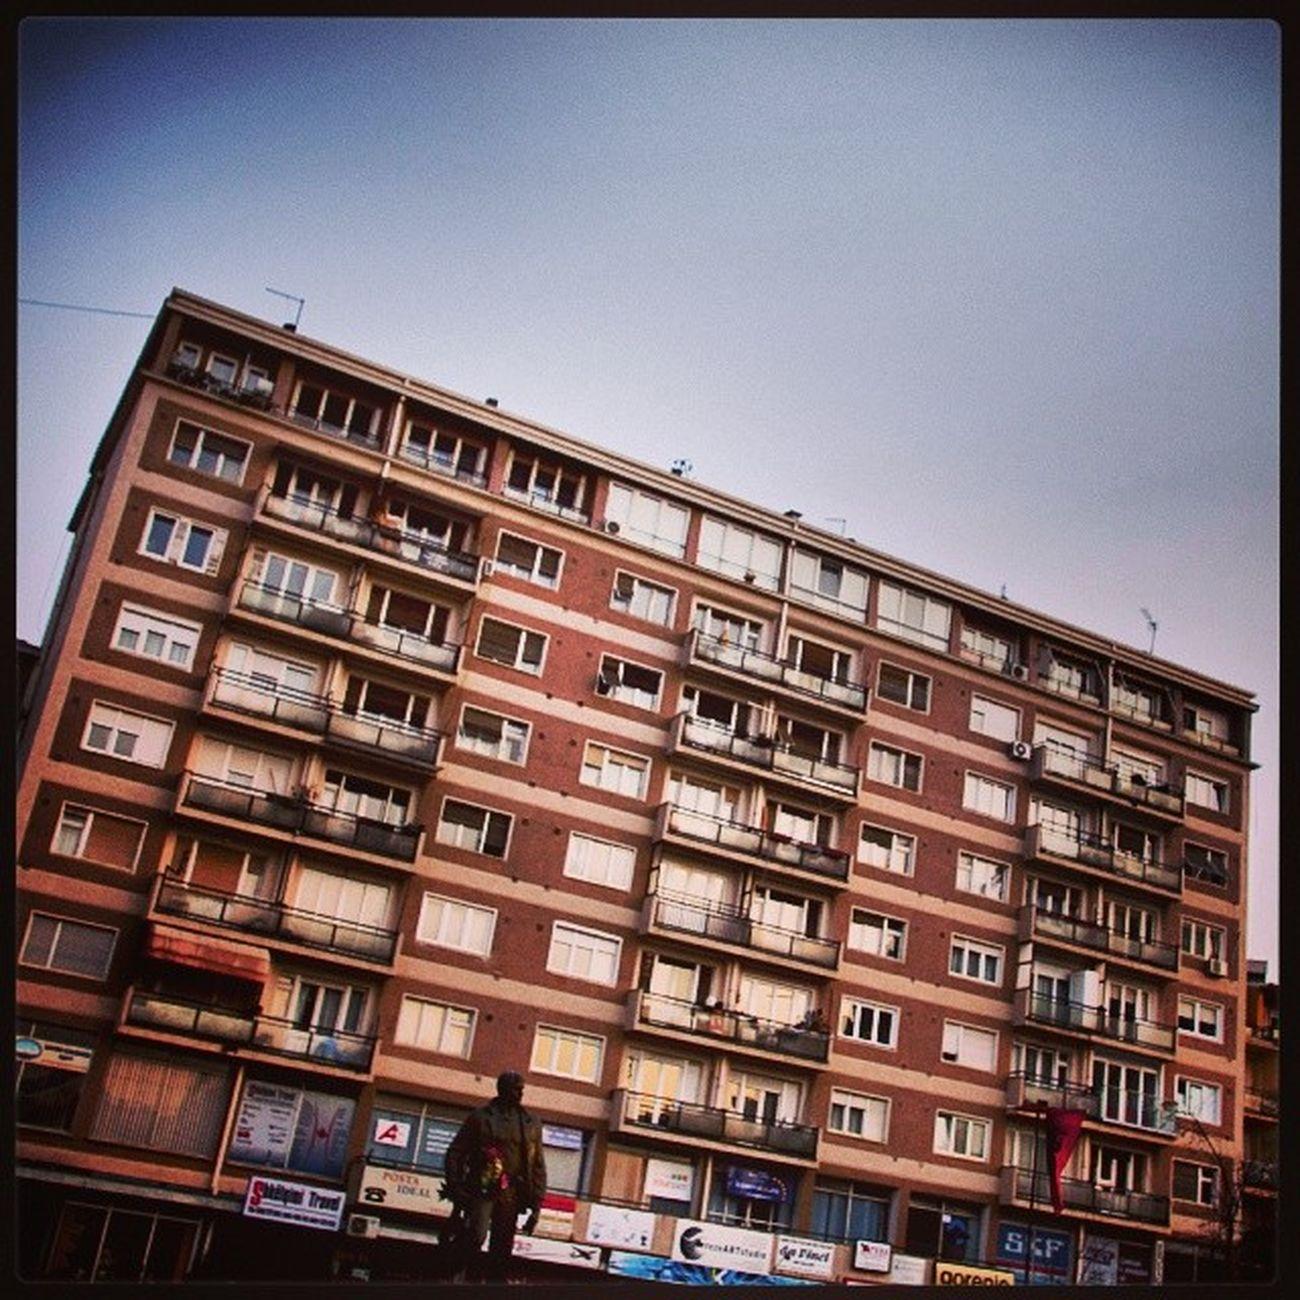 Kosovo Kosmet Photojournalism Photo photooftheday picoftheday liketeam likeback instadroid pristina srbija instadaily goodtime